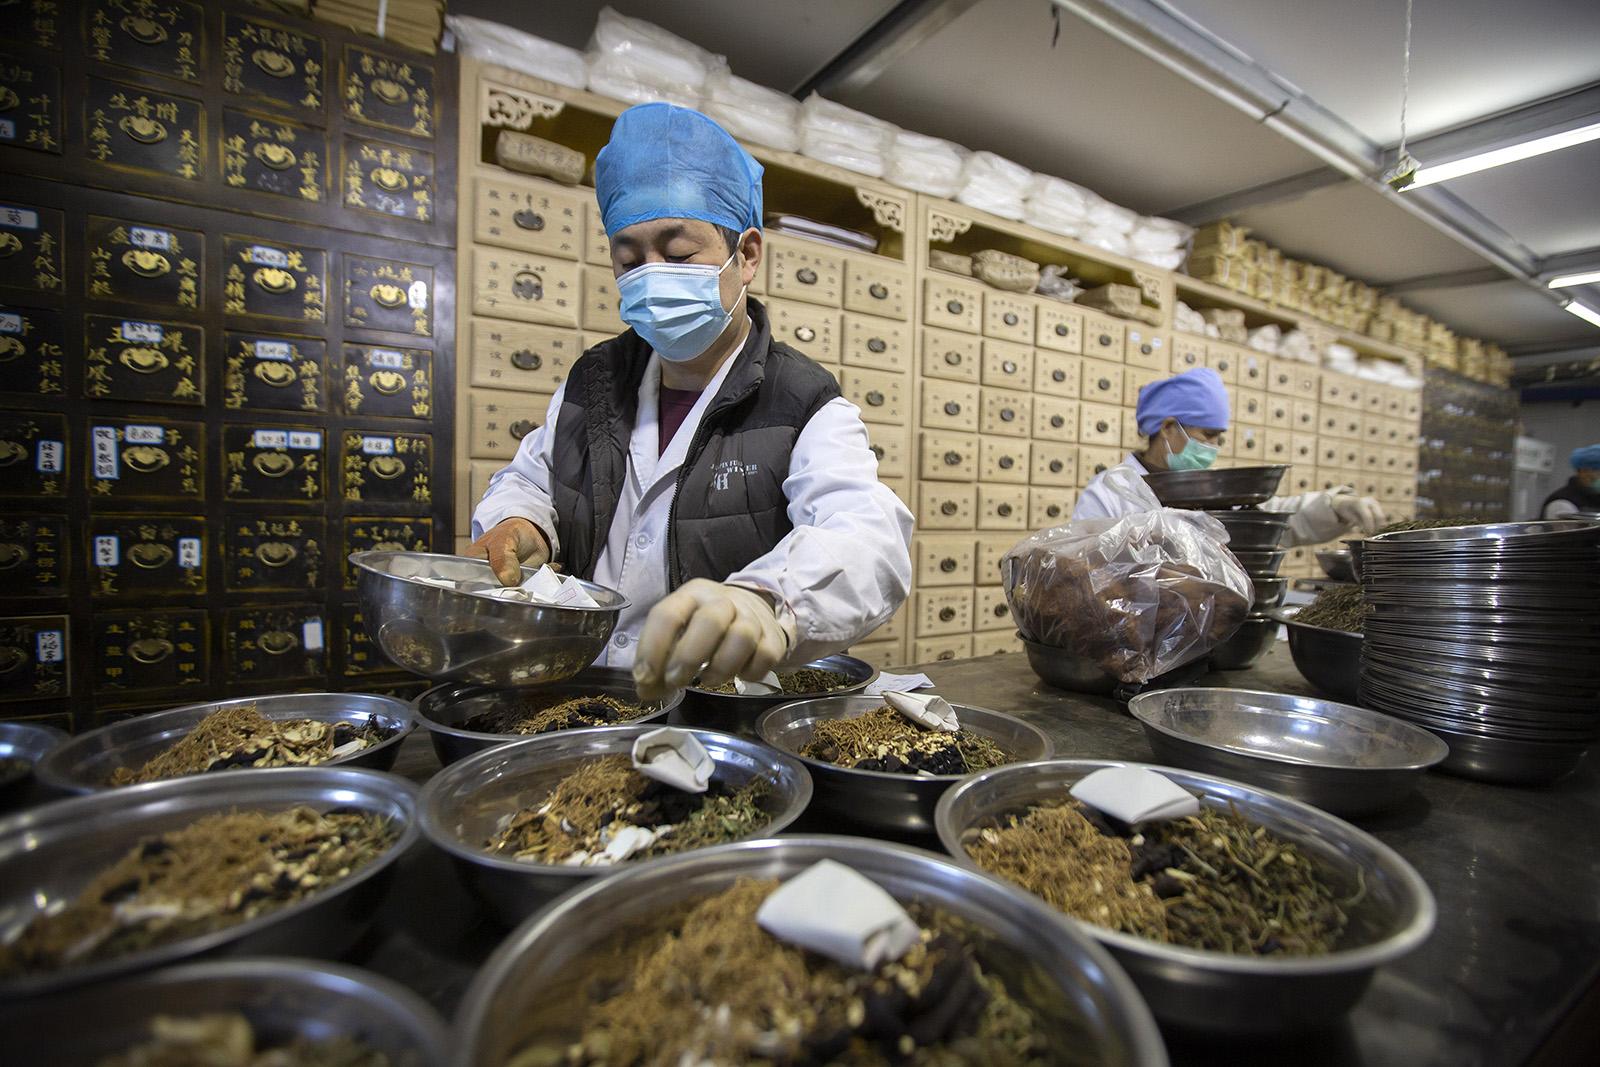 2020年3月13日,新冠疫情期间,北京一家中医诊所的工作人员正在配药。(图:AP)